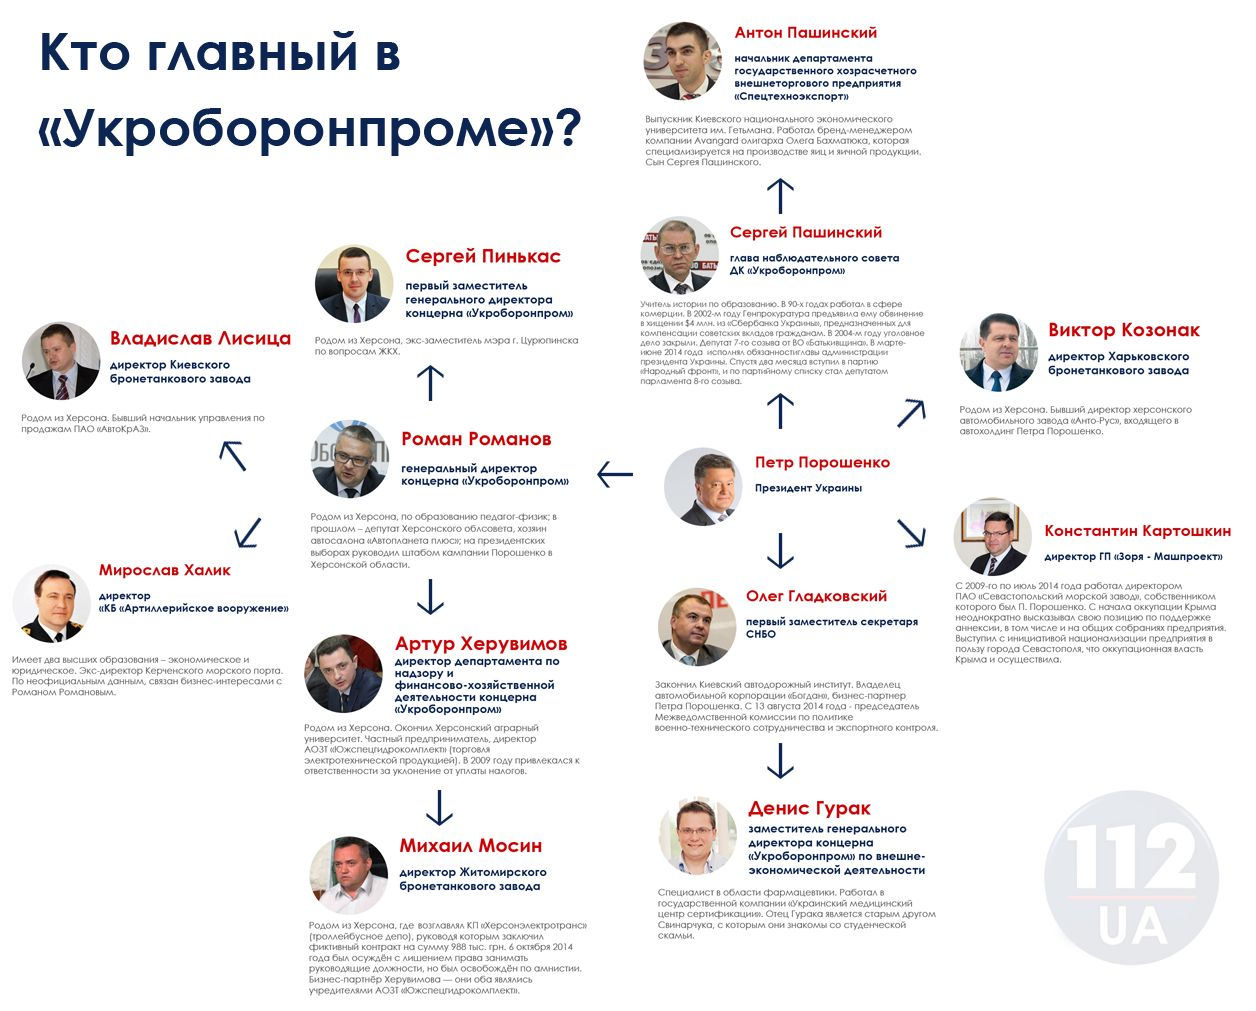 """В Евросоюзе раскритиковали российский закон о """"нежелательных организациях"""" - Цензор.НЕТ 3010"""